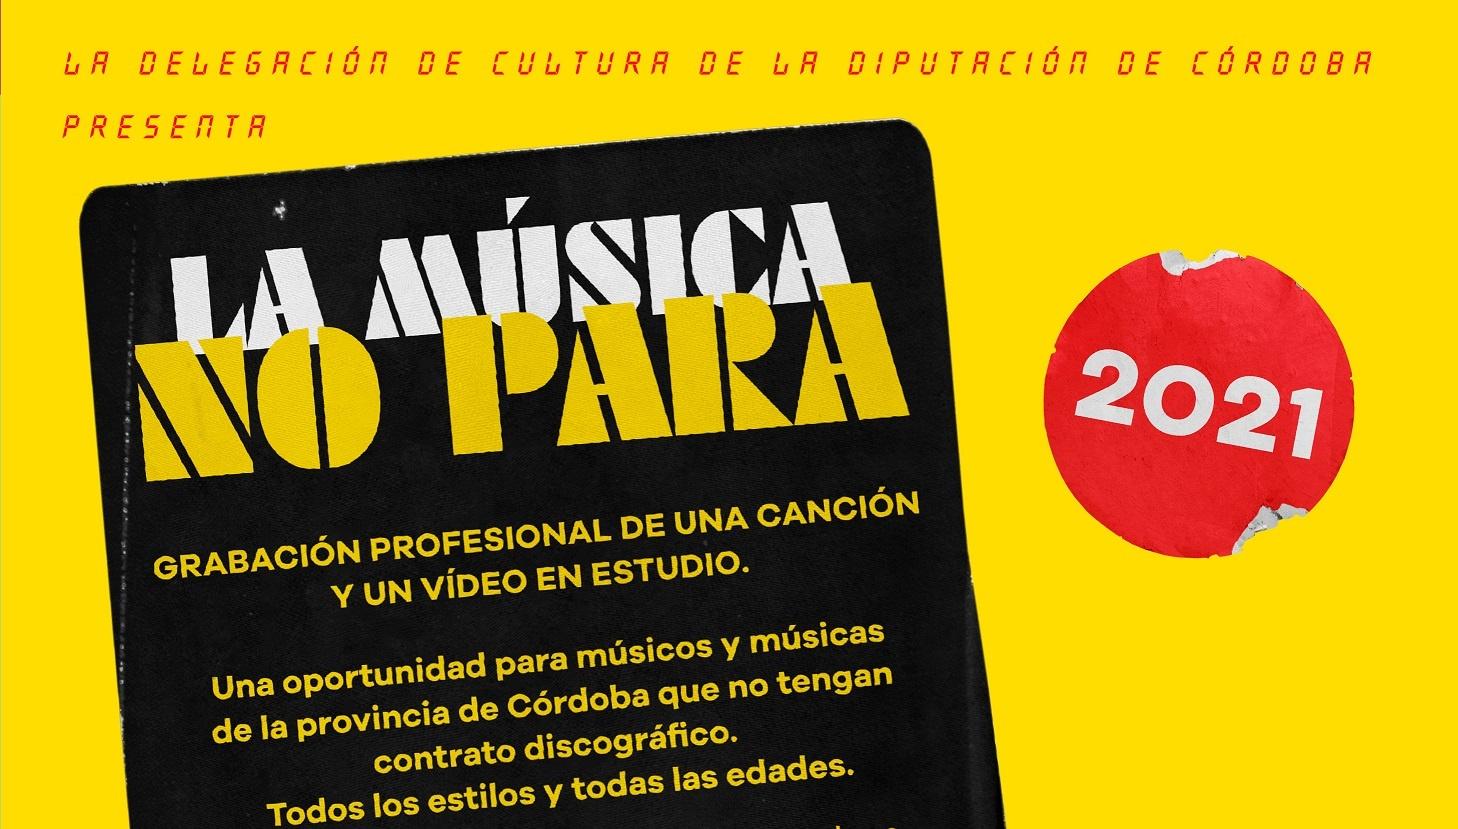 «La música no para» selecciona 6 trabajos entre más de 70 propuestas